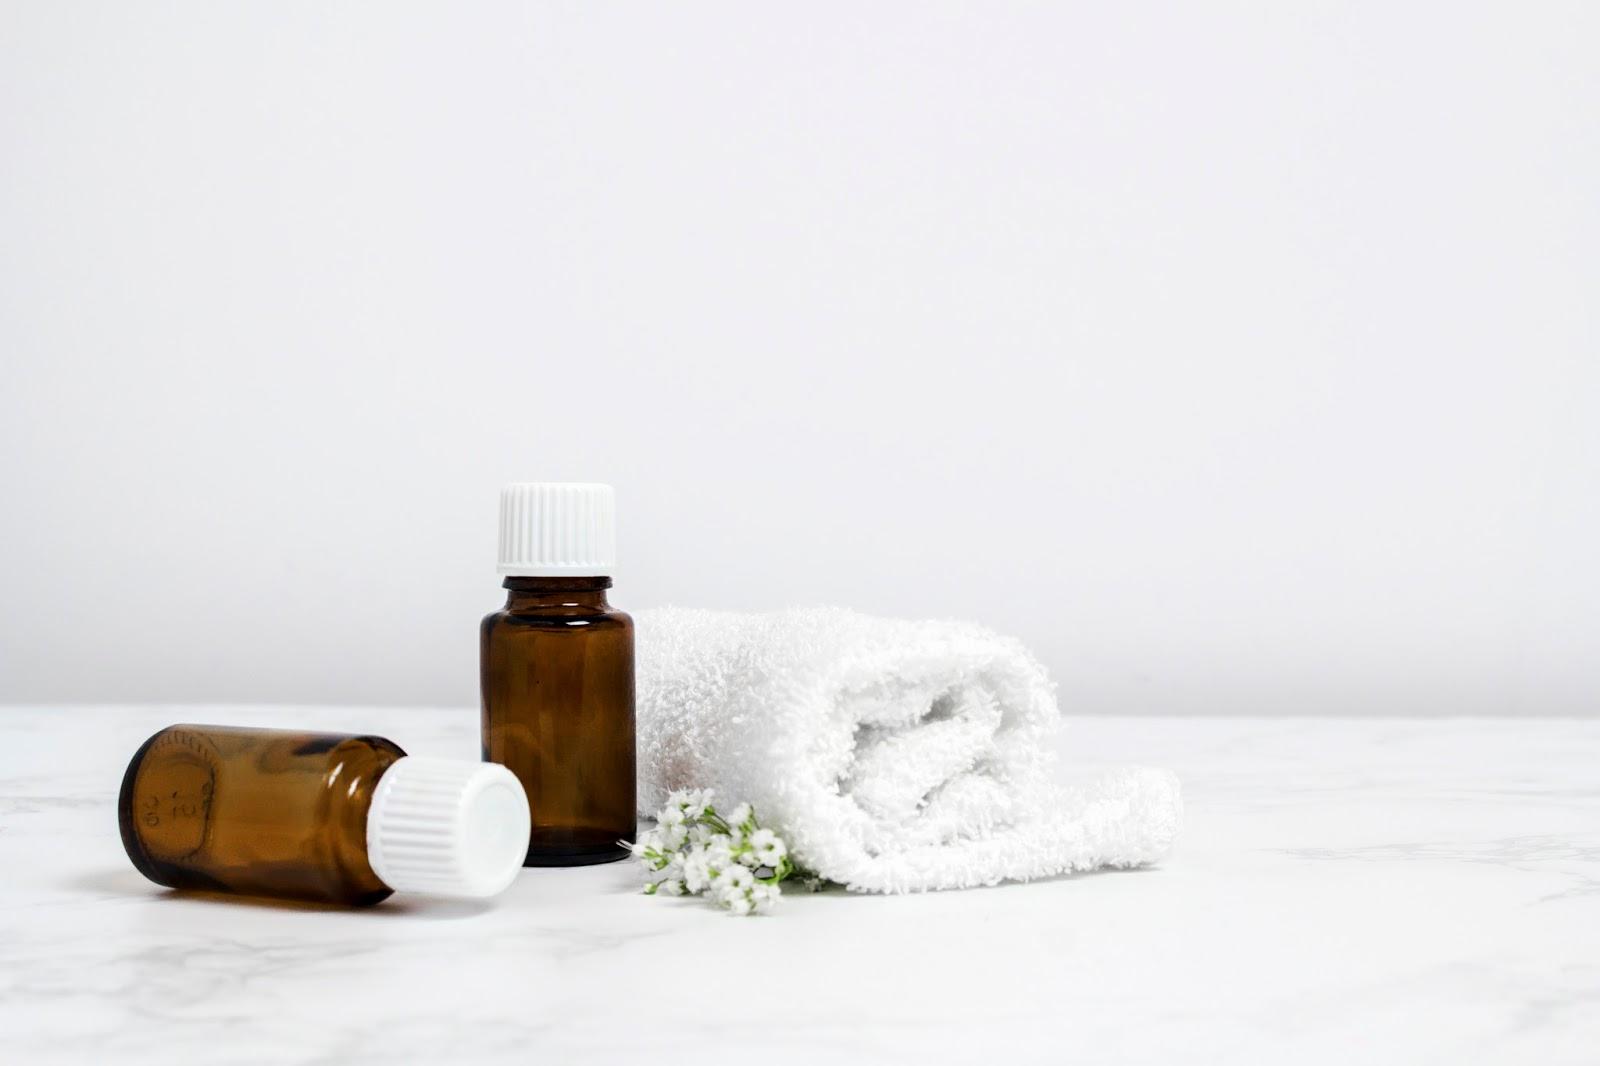 CONOCIENDO A HIPERDIET NATURAL y 3 de sus productos (aceites de caléndula, argán y jojoba)